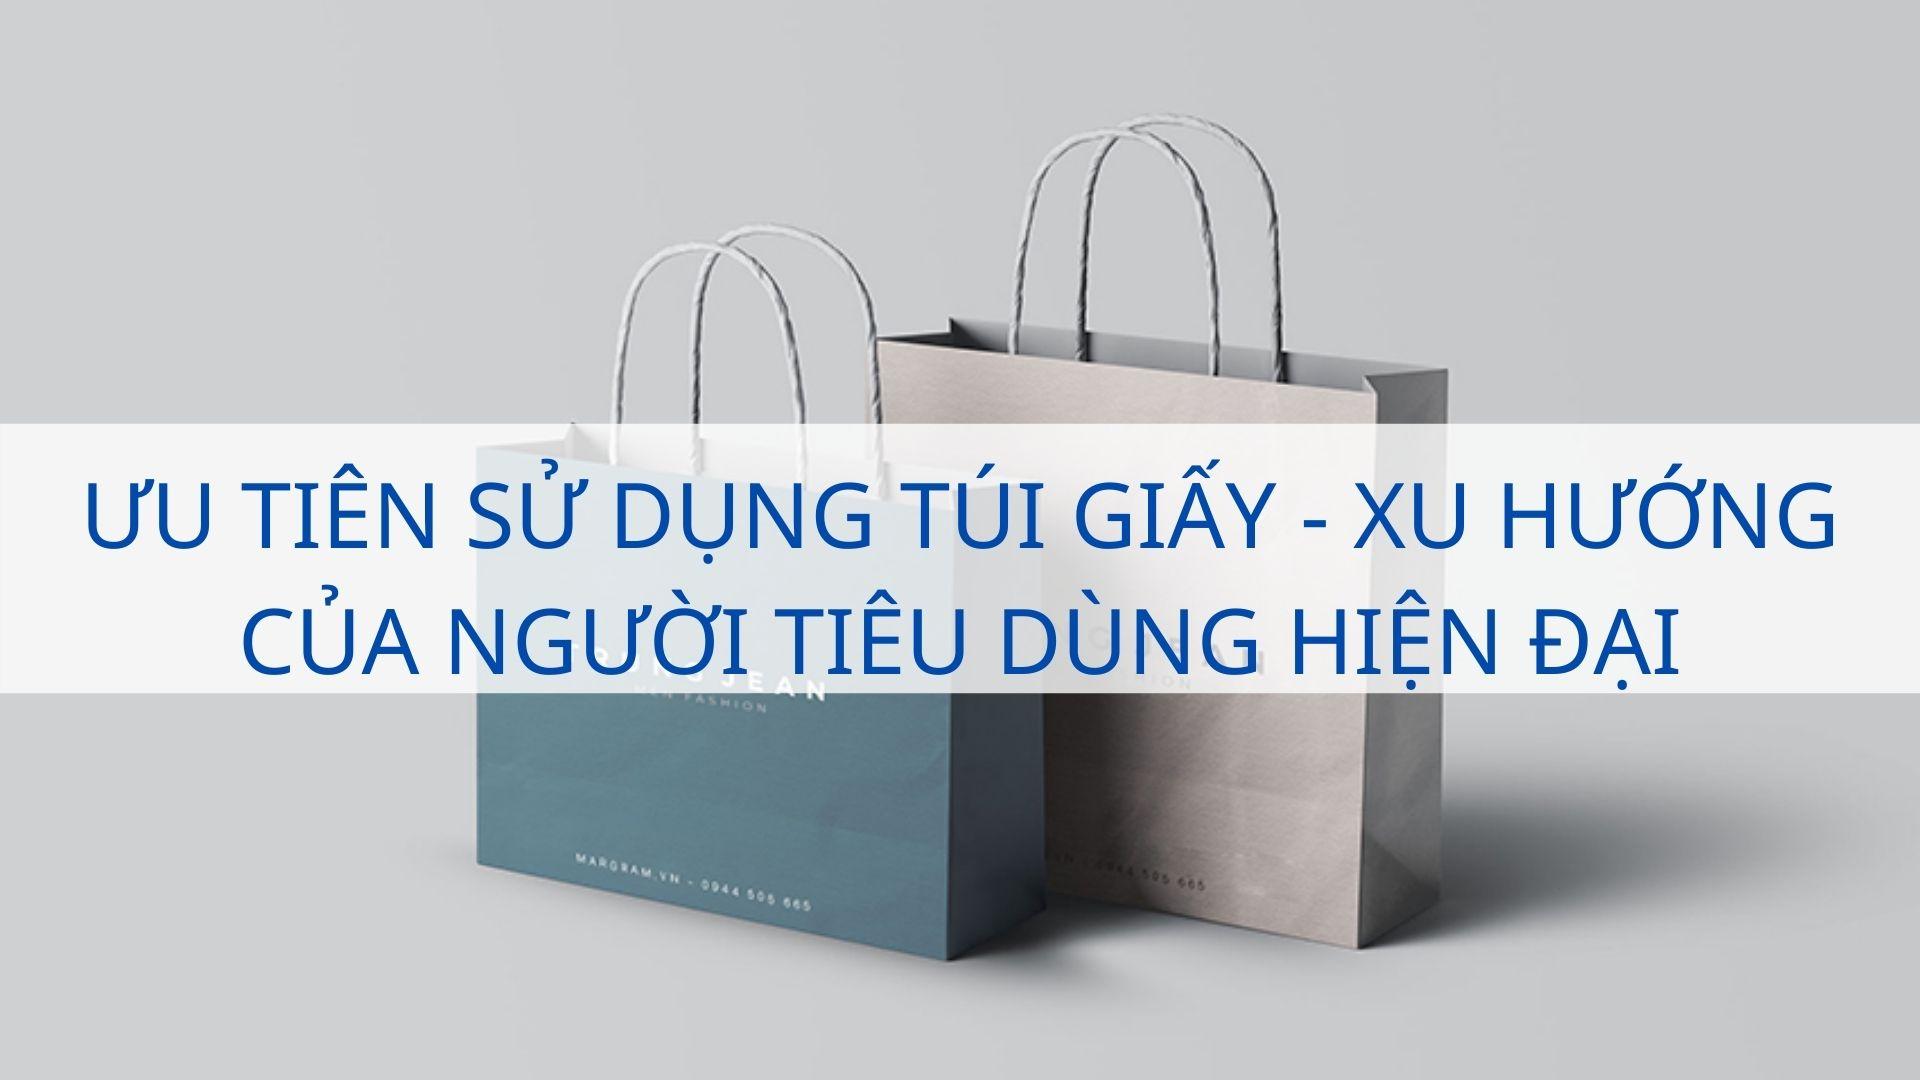 Ưu tiên sử dụng túi giấy - Xu hướng của người tiêu dùng hiện đại